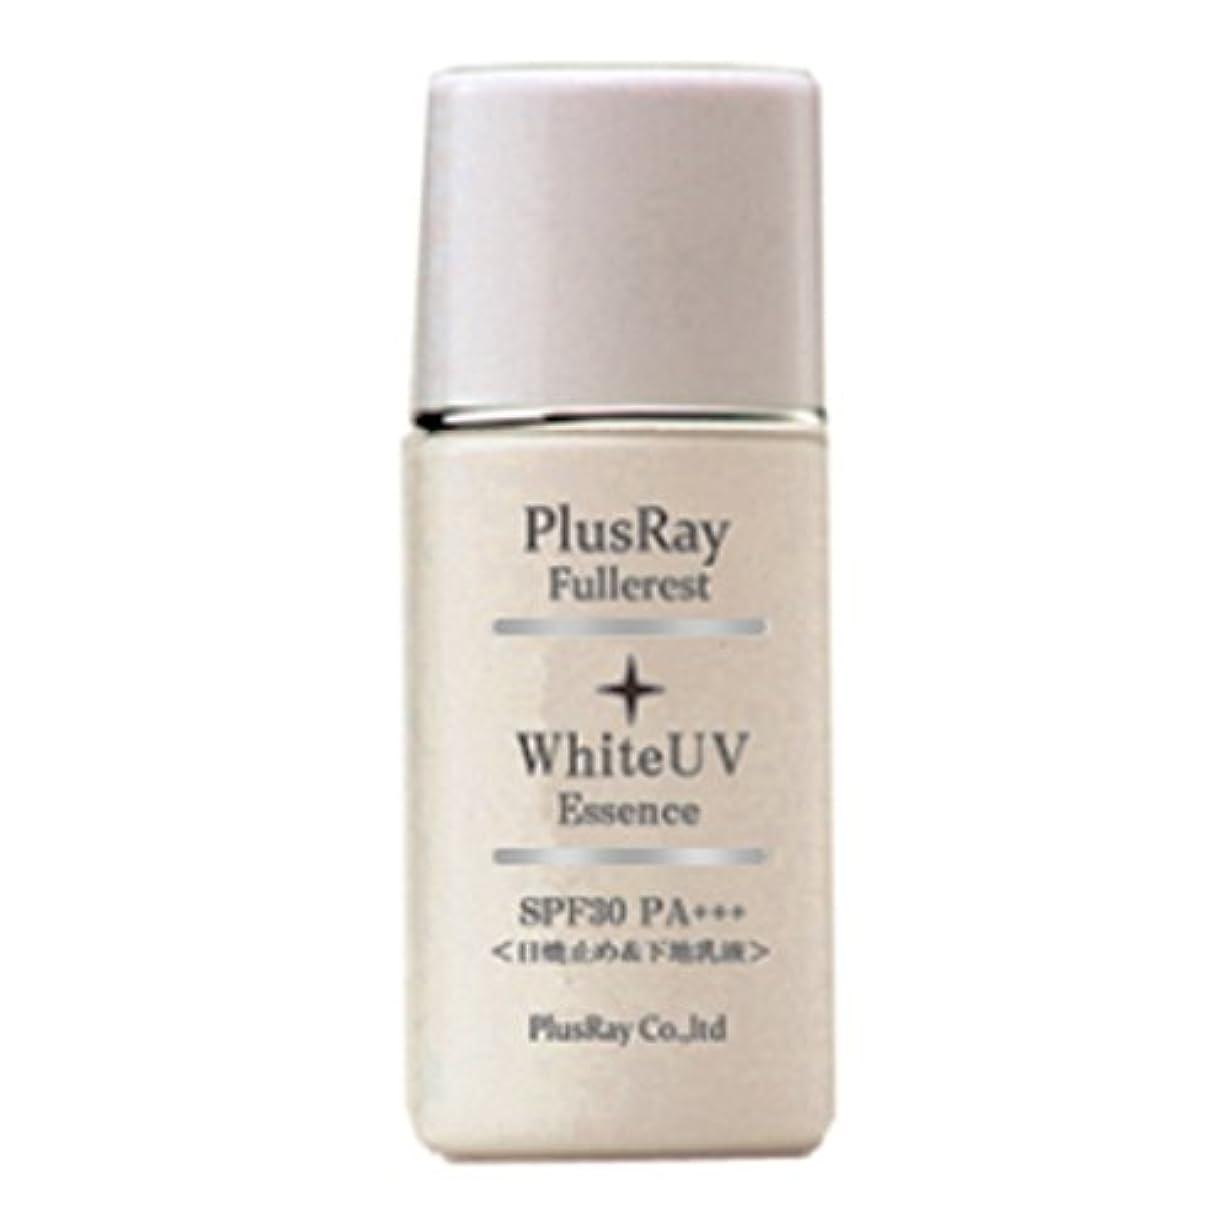 カイウス代名詞ヶ月目プラスレイ(PlusRay)化粧品 フラーレスト ホワイト UV エッセンス 化粧下地 紫外線対策 A波 B波 対応 乳液タイプ